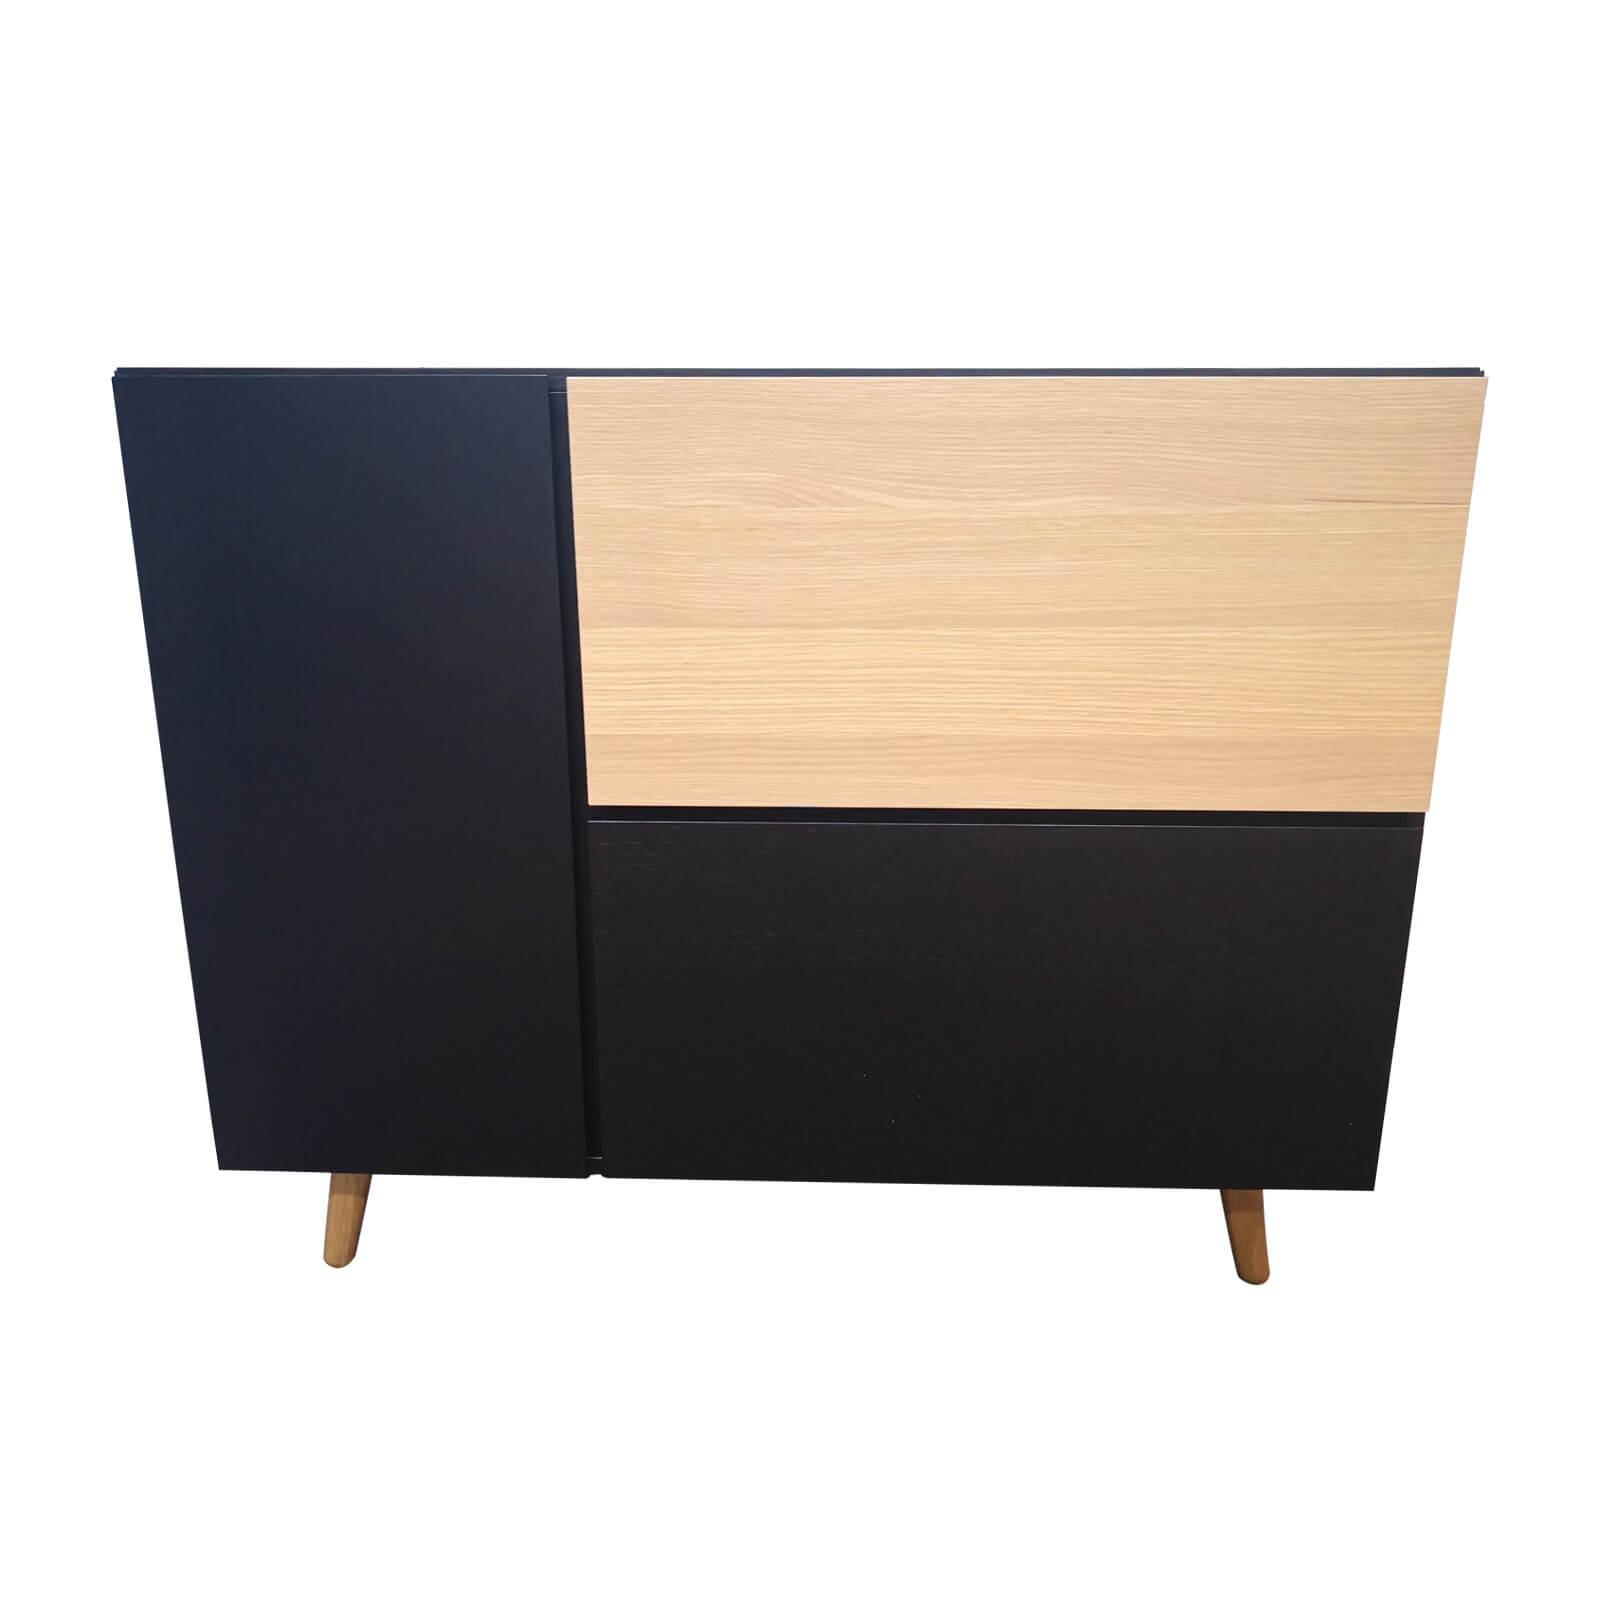 Two Design Lovers Bo Concept Lugano cabinet